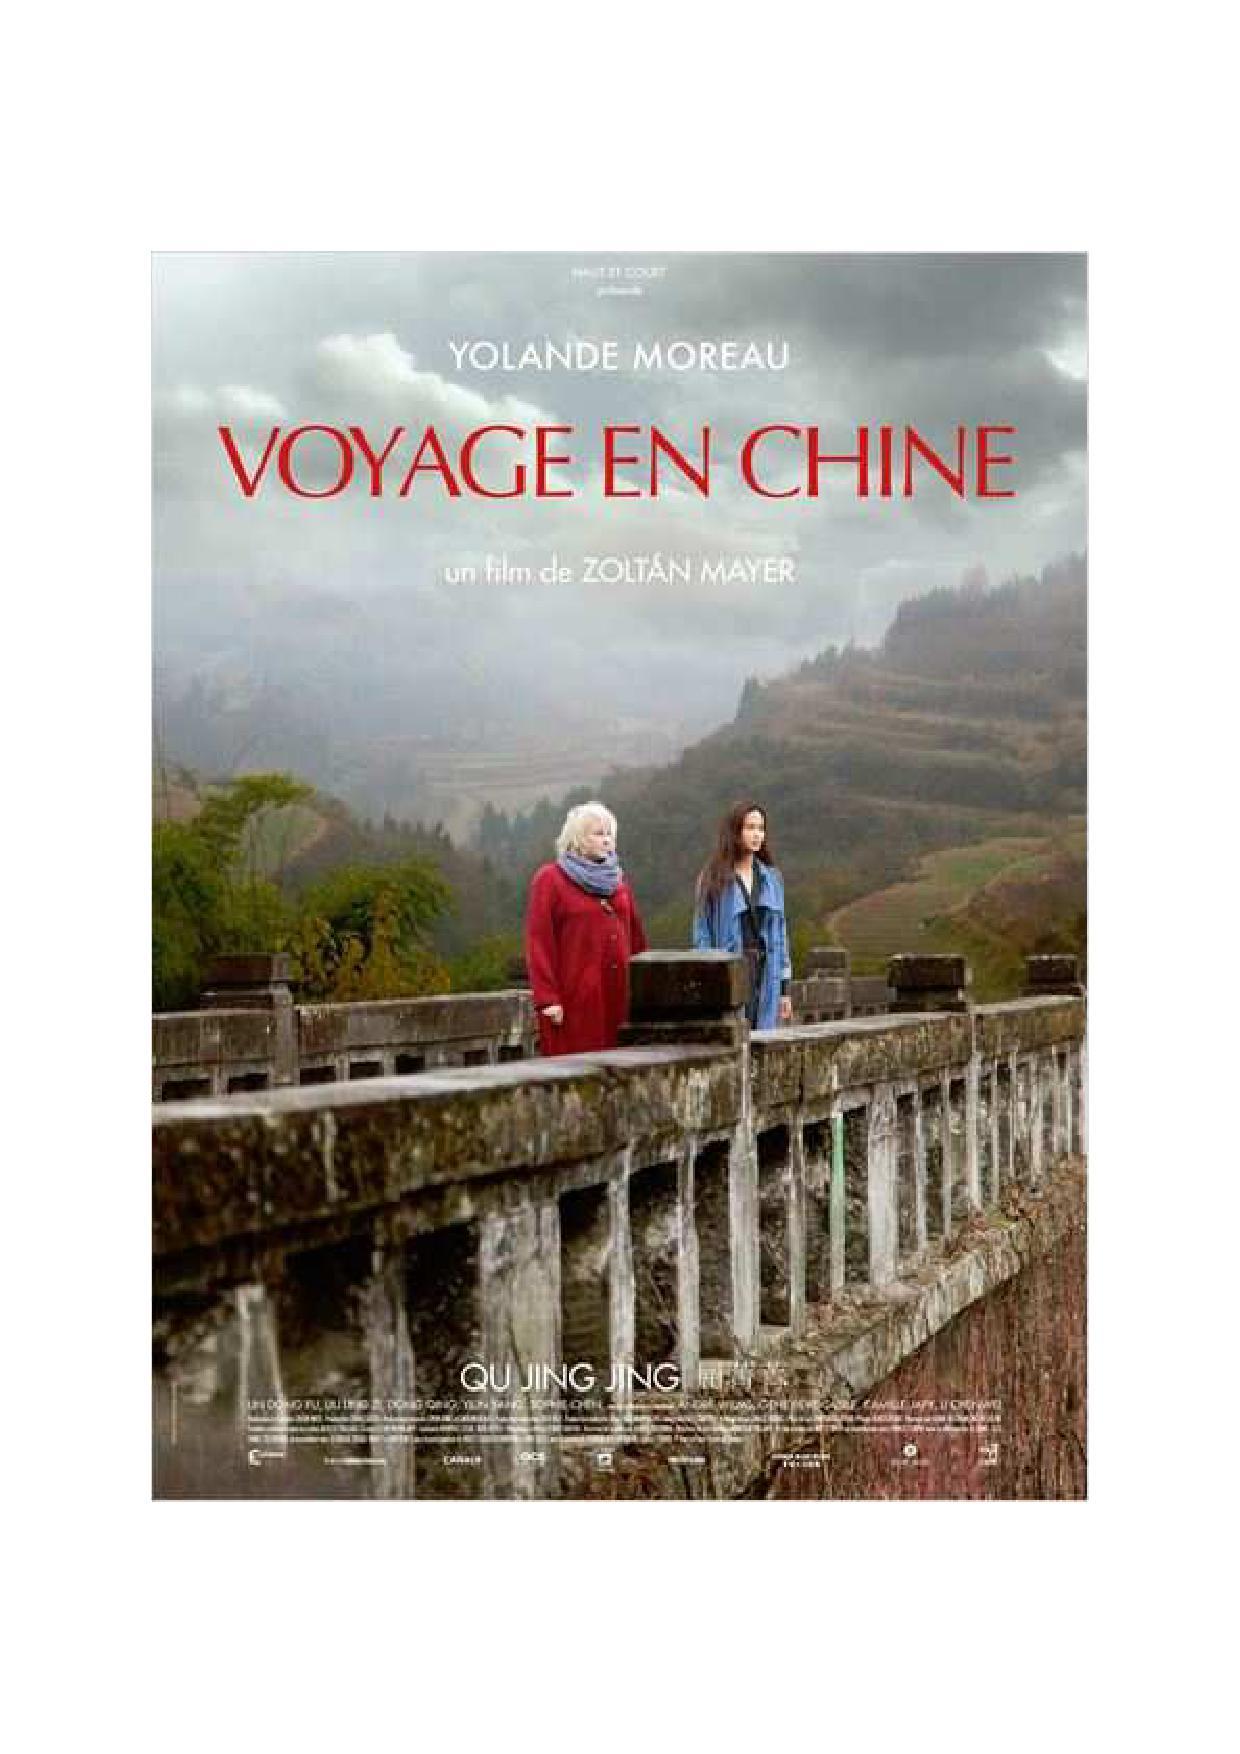 Affiche Voyage en chine.jpg